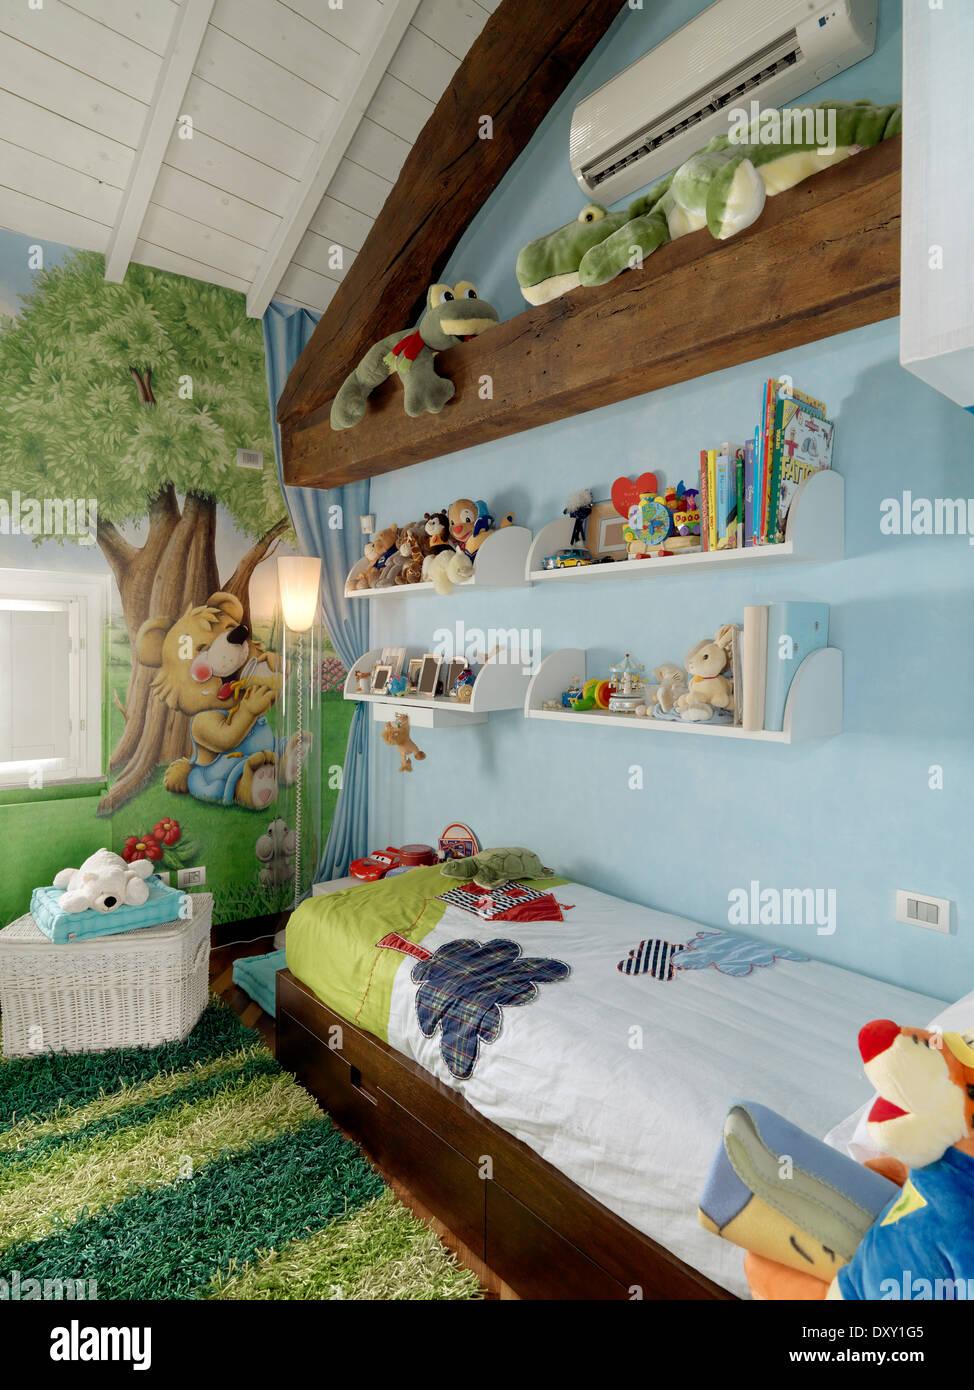 Dormitorio moderno para los niños en la habitación del ático Imagen De Stock